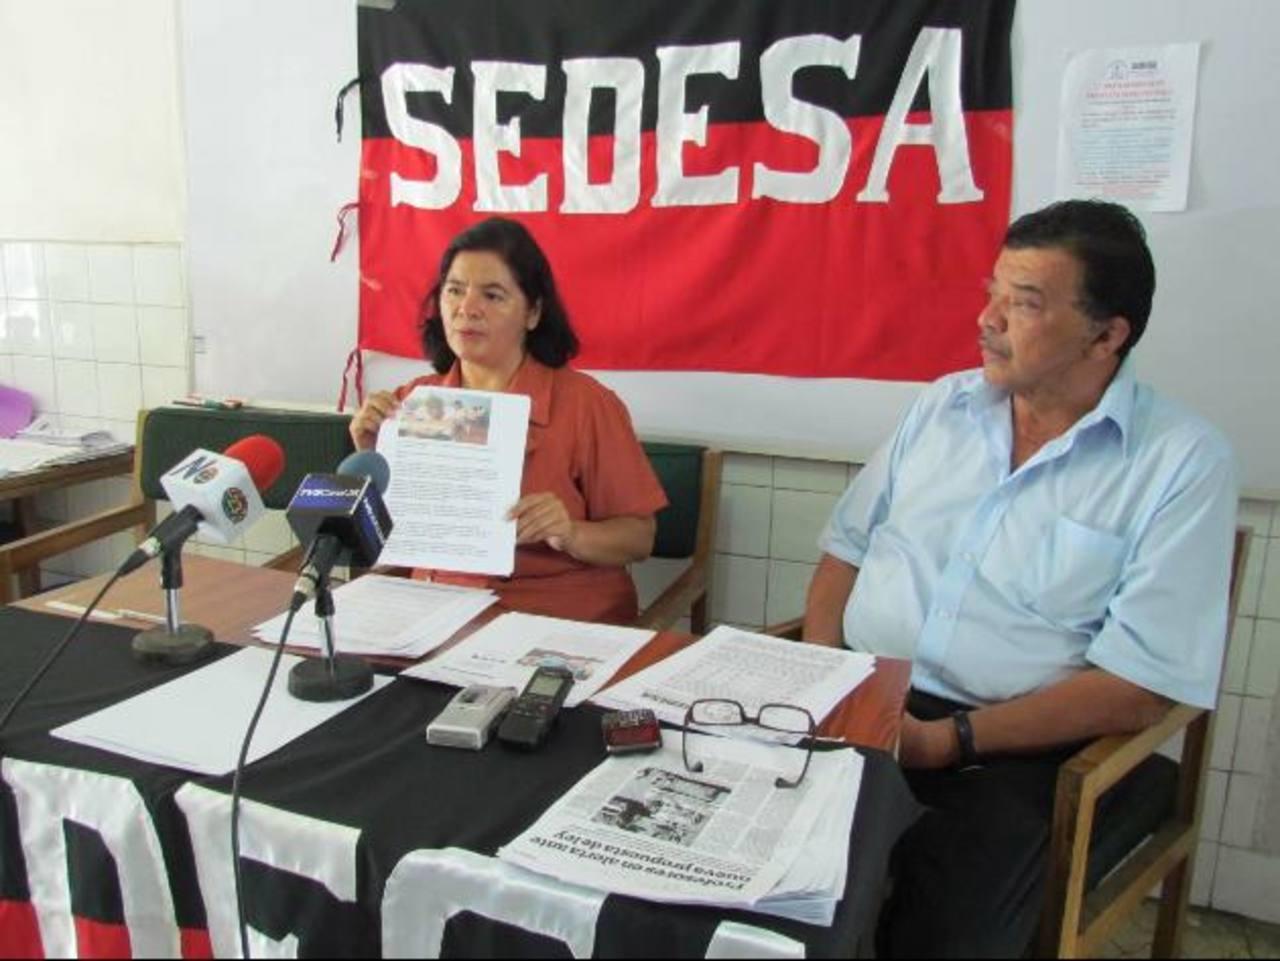 """El Sindicato de Educadores de El Salvador (Sedesa) lamentó no ser tomado en cuenta para la elaboración de la prueba """"Paesita"""". Foto EDH / Mauricio Guevara"""